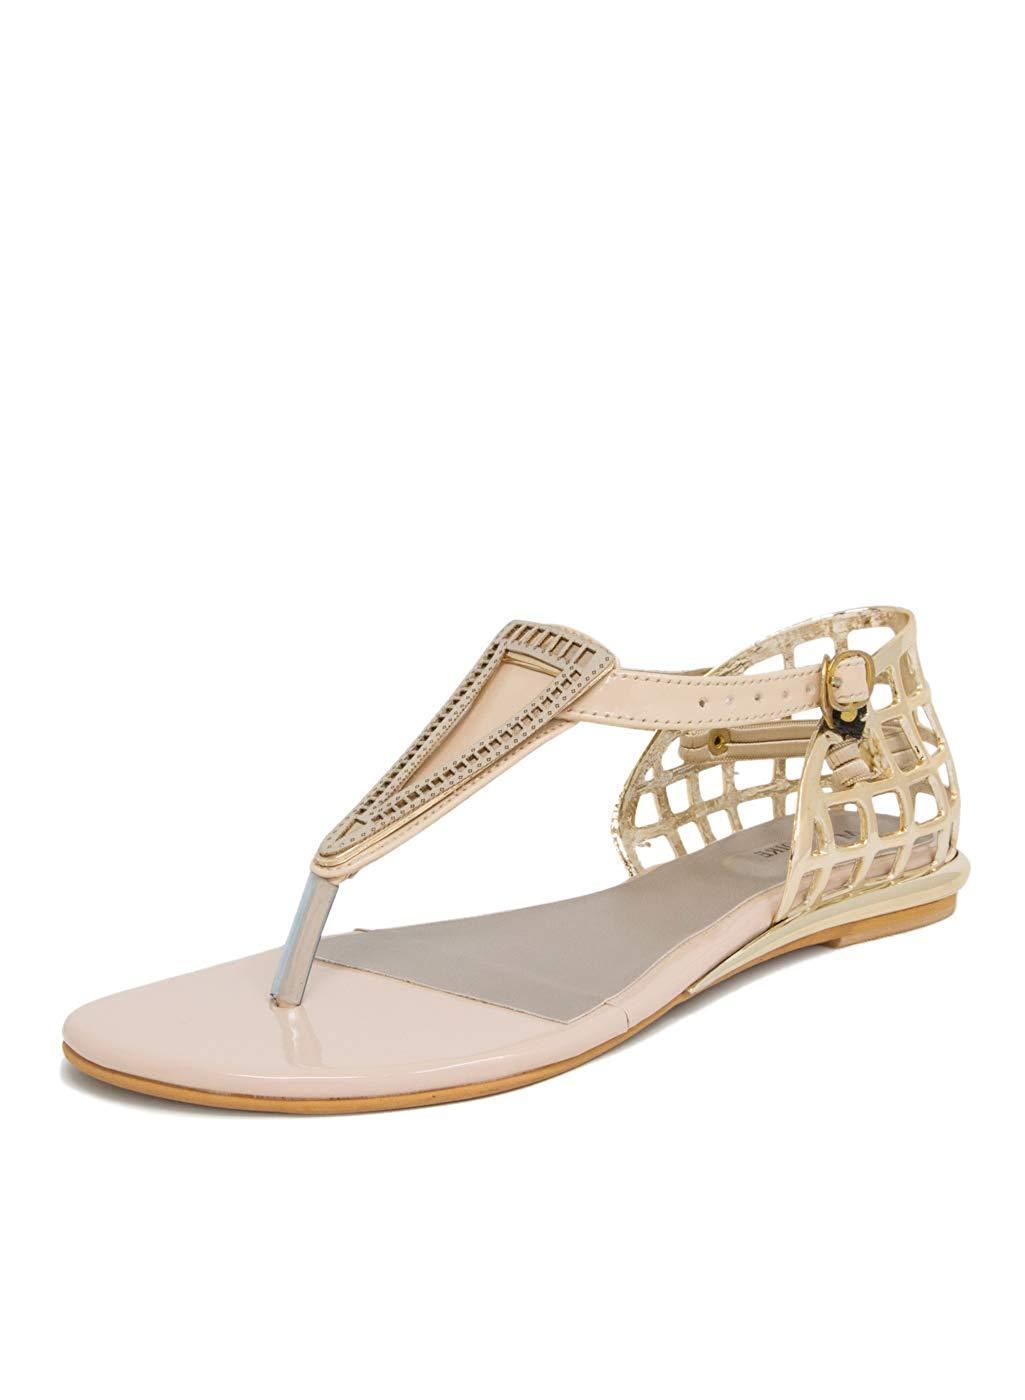 Phụ nữ ai cũng nên có cho mình một đôi sandal